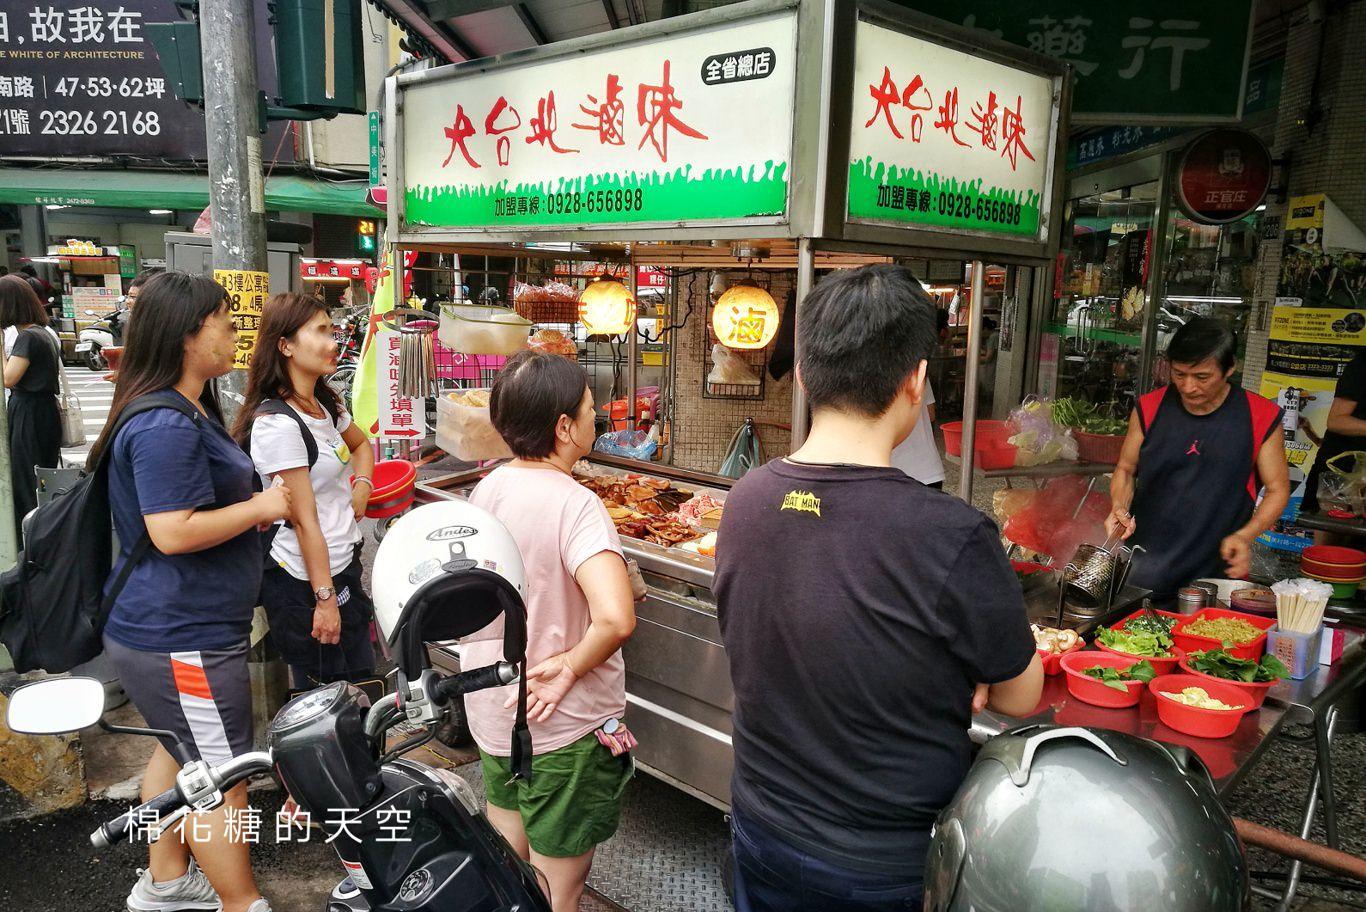 中美街宵夜超人氣攤位-大台北滷味,饕客推薦一定要點這一味!